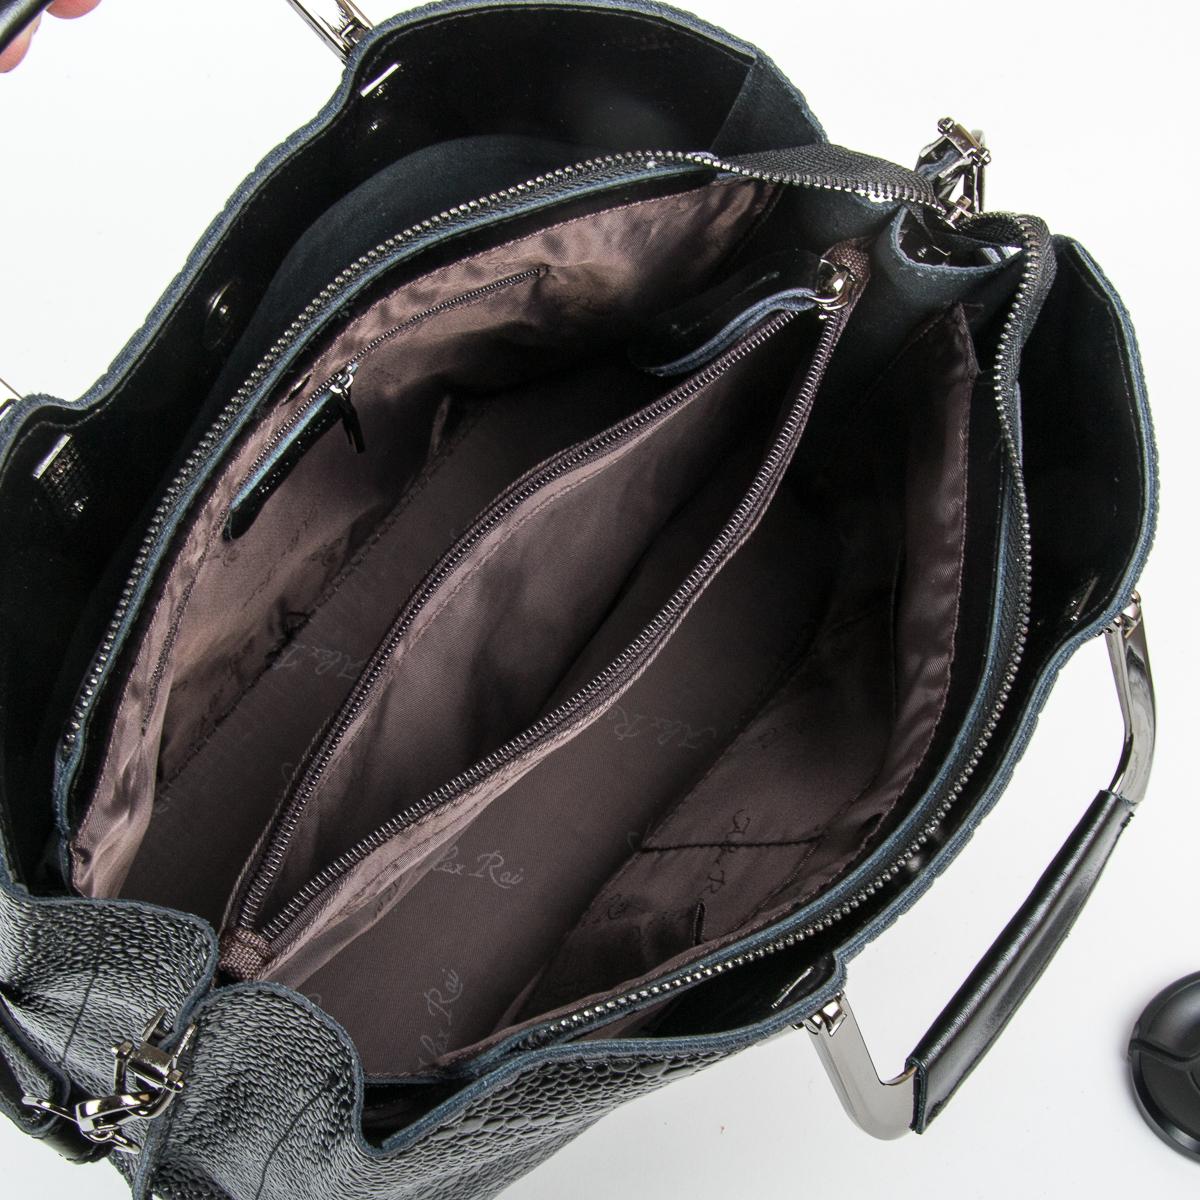 Сумка Женская Классическая кожа ALEX RAI 05-01 1540-1 black - фото 5